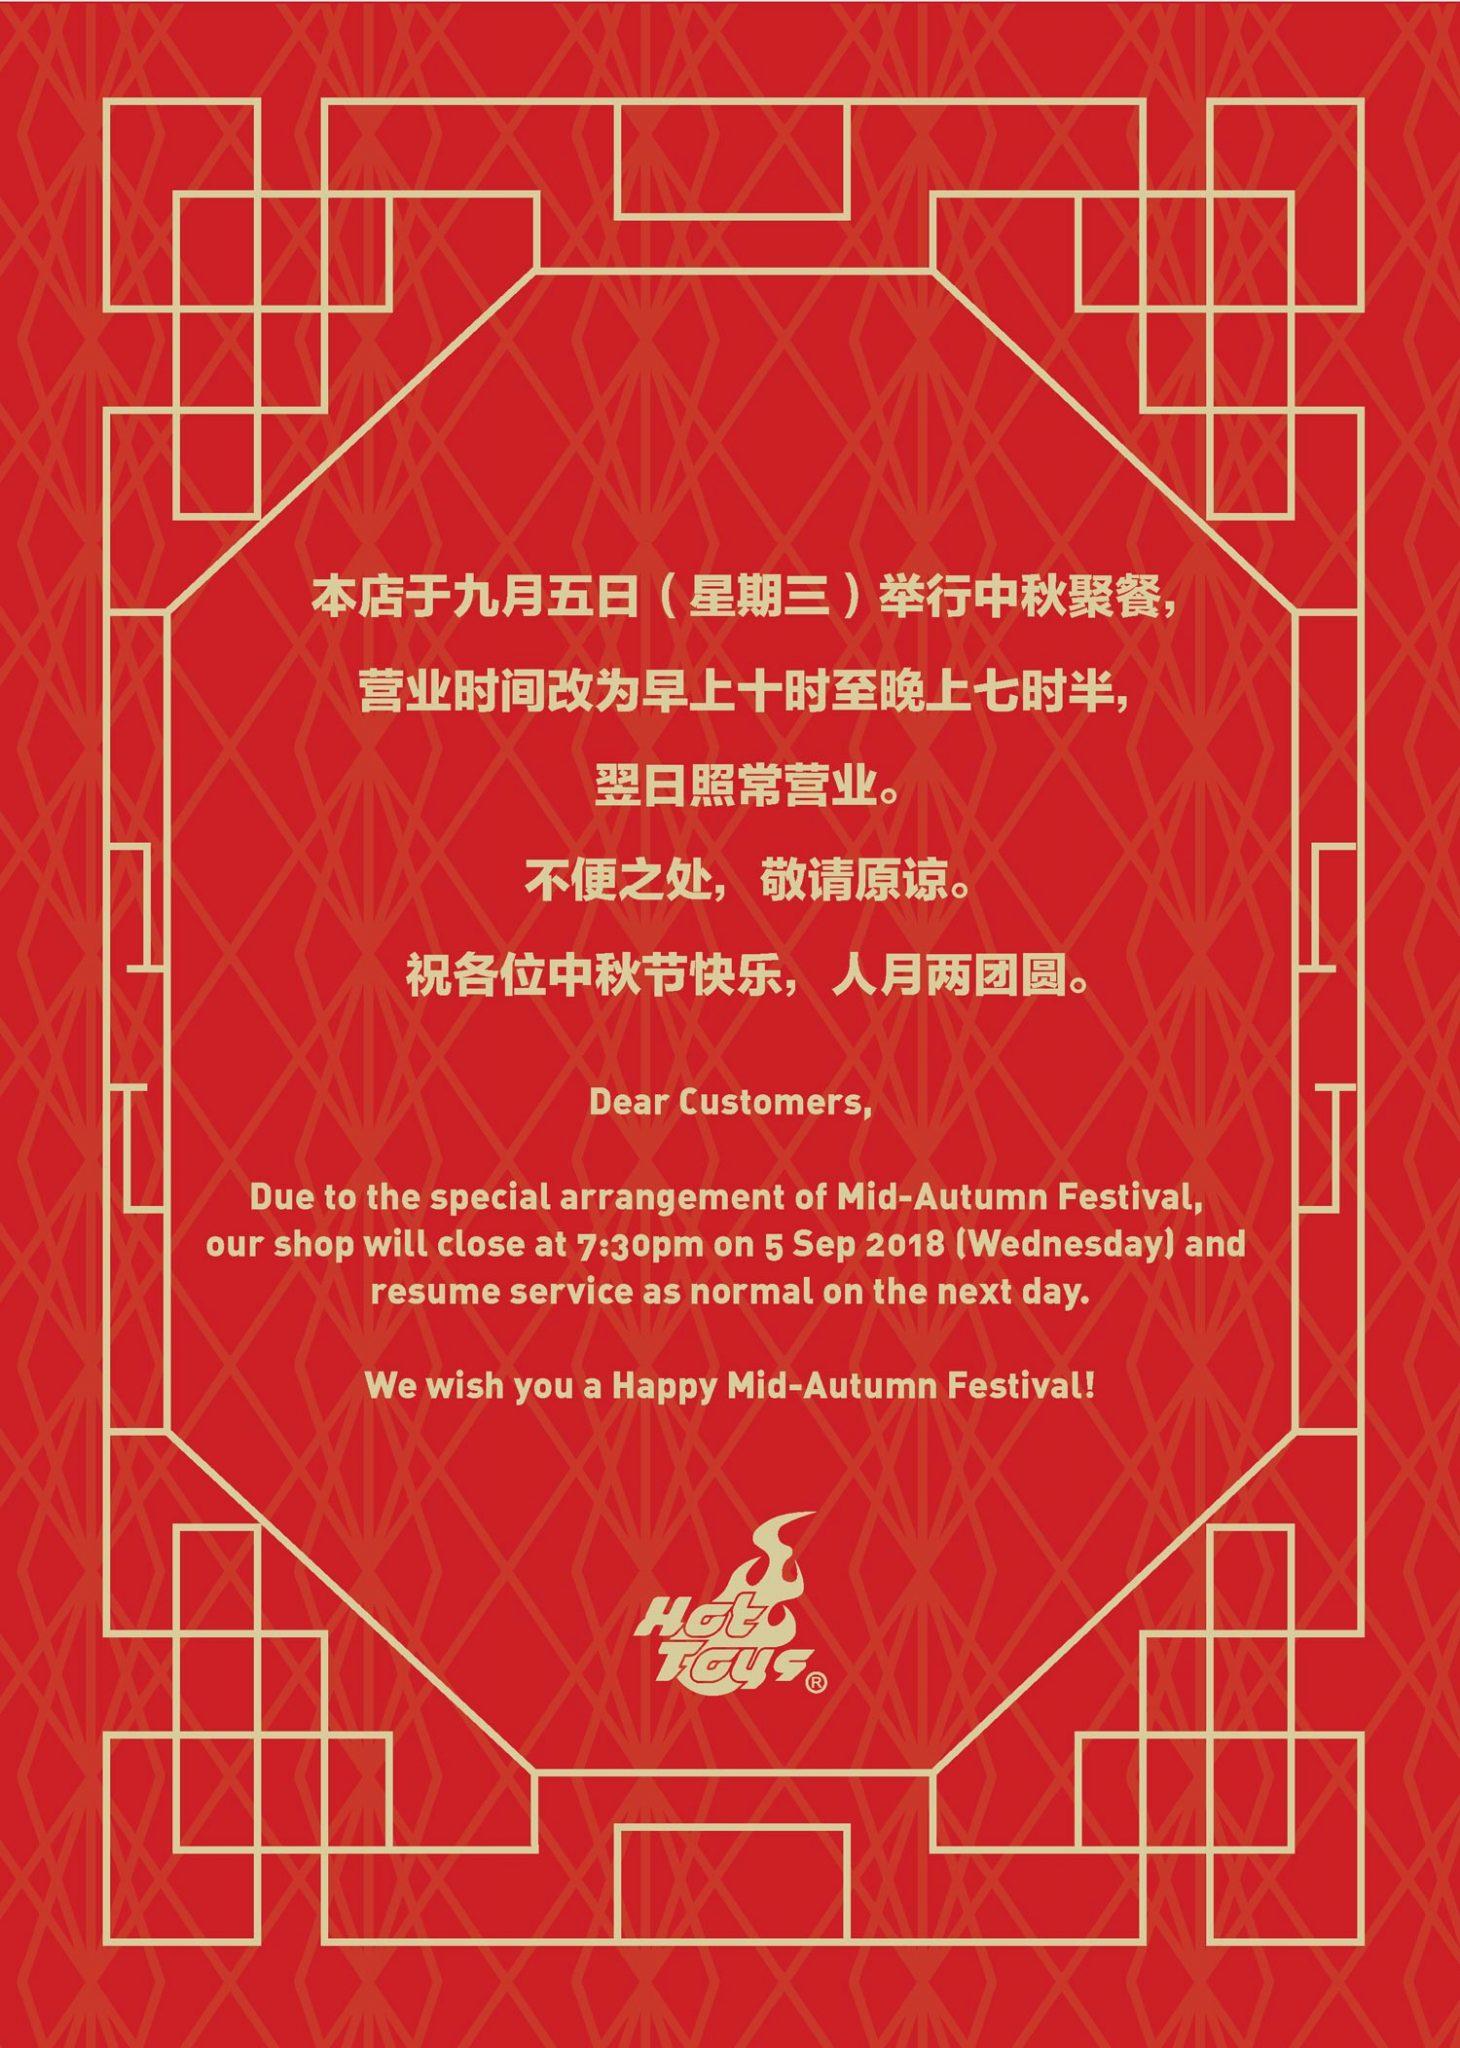 SHDL-store---mid-autumn-festival-dinner-announcement-v